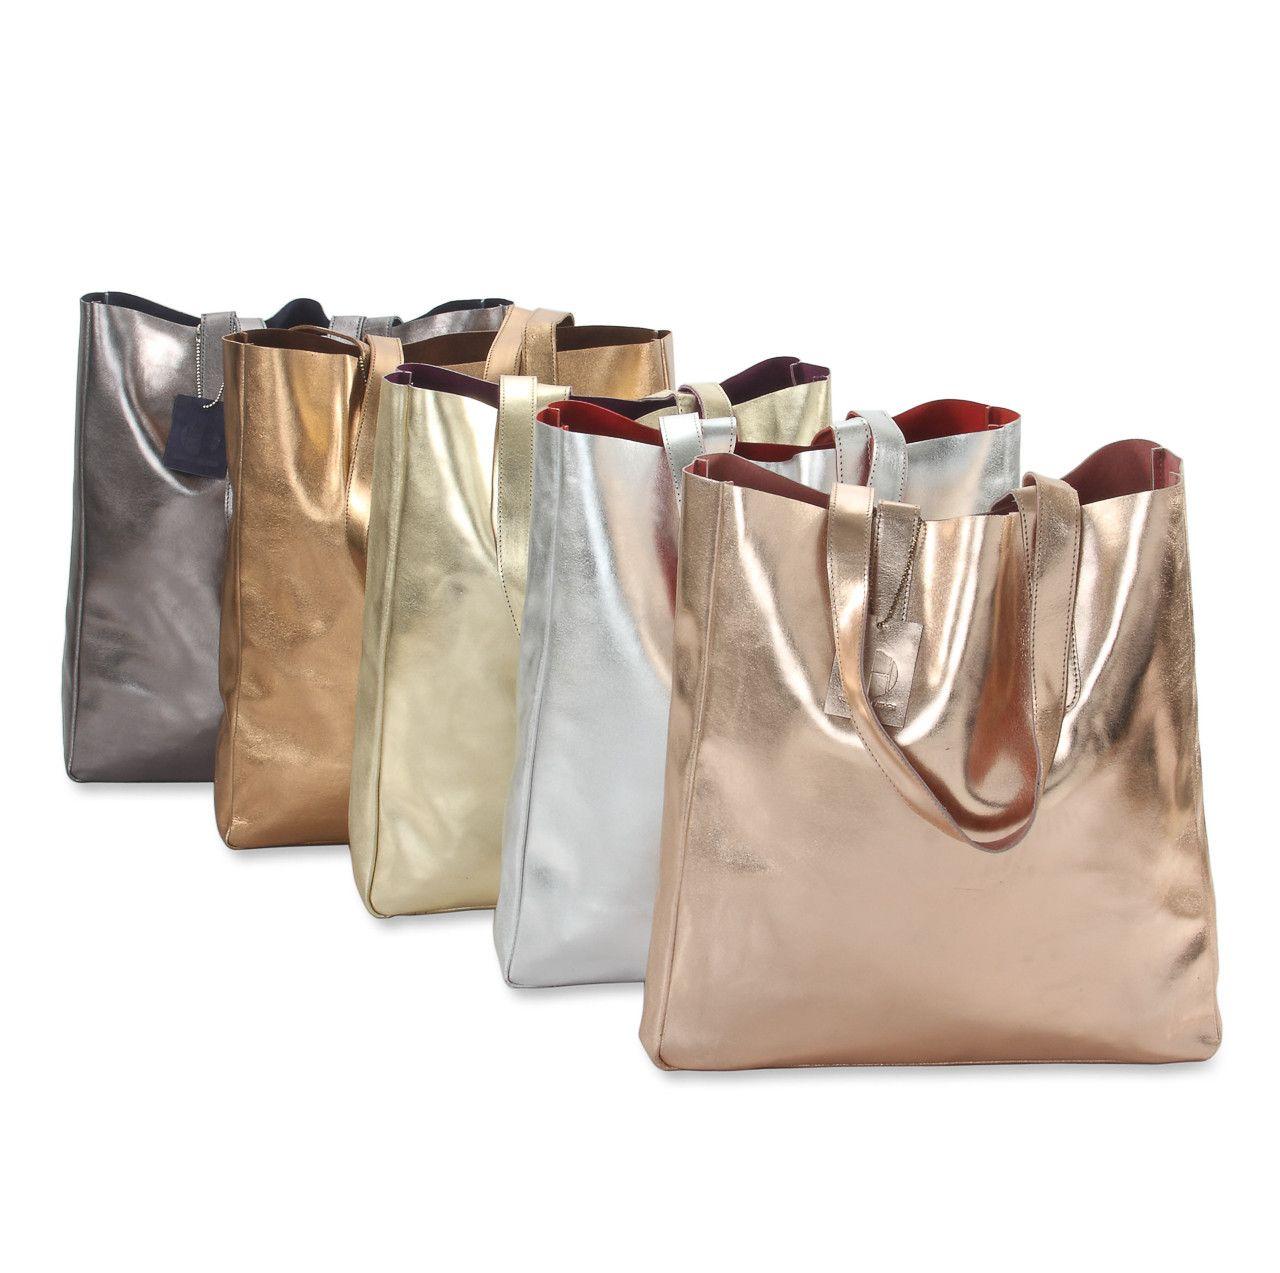 Metallic Rimor Sofia reversible leather tote bag #LB32 rose-gold ...